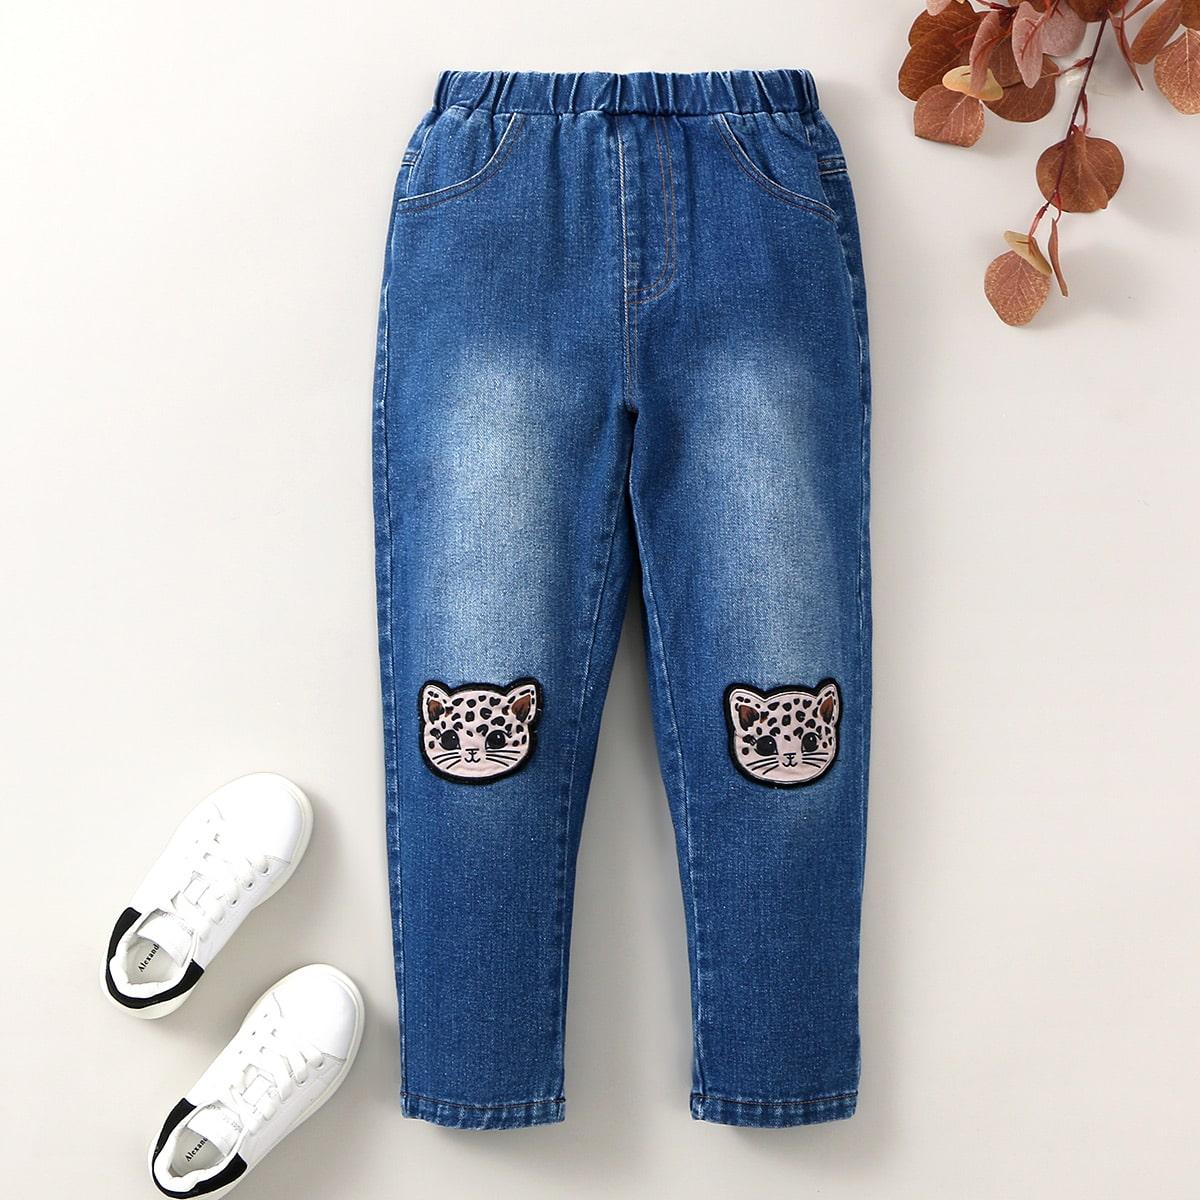 Аппликация мультяшный принт повседневный джинсы для девочек